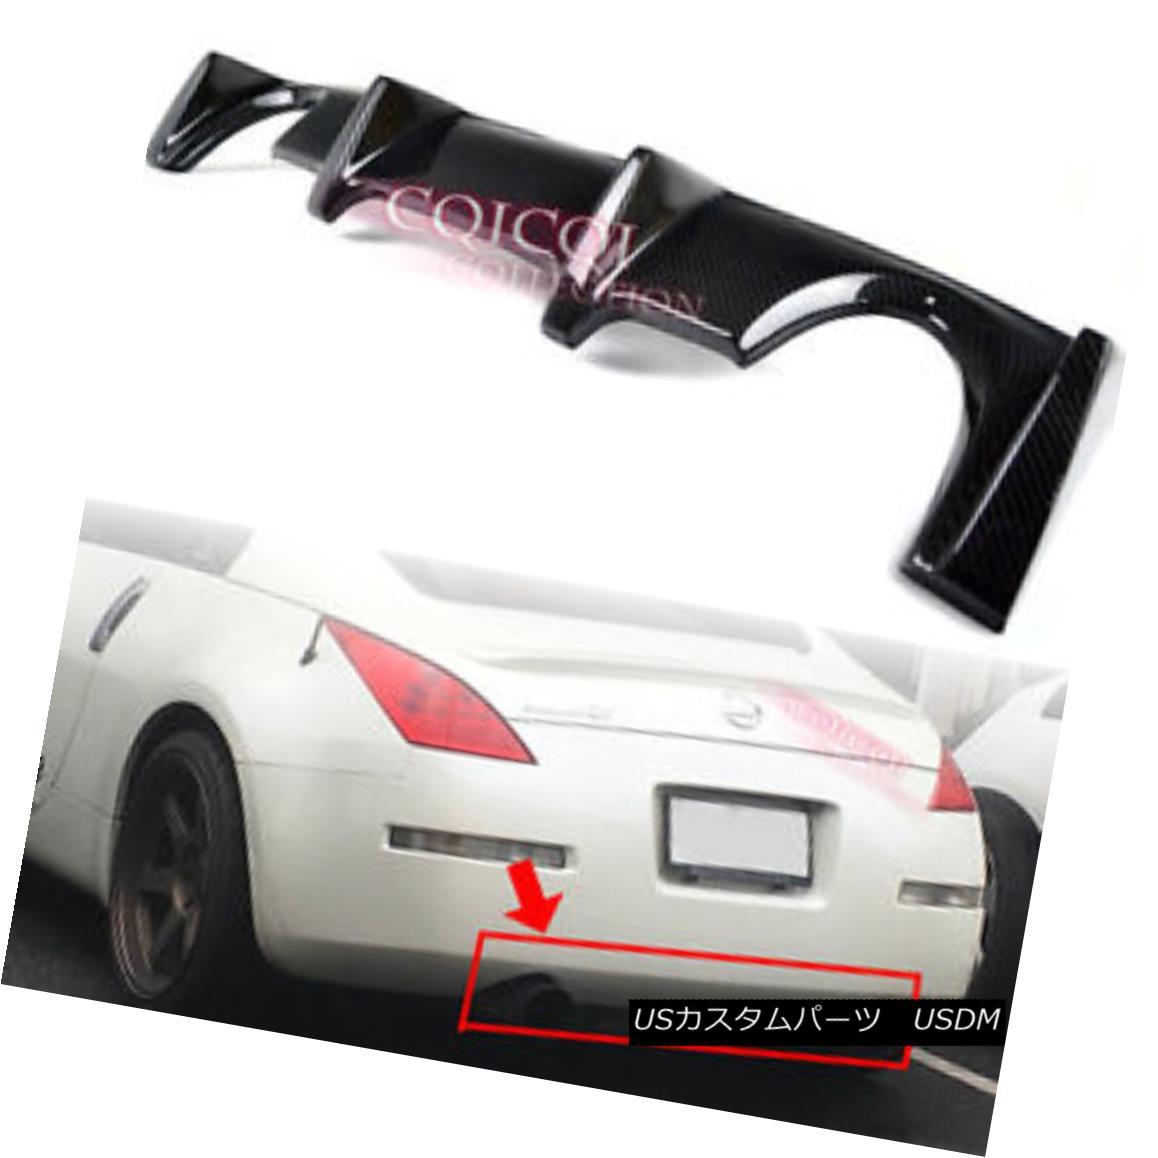 エアロパーツ Carbon Fiber rear bumper diffuser for Nissan 03~08 350Z Z33 fairlady Z coupe ◎ 日産03?08 350Z Z33フェアレディZクーペ用カーボンファイバーリアバンパーディフューザー?